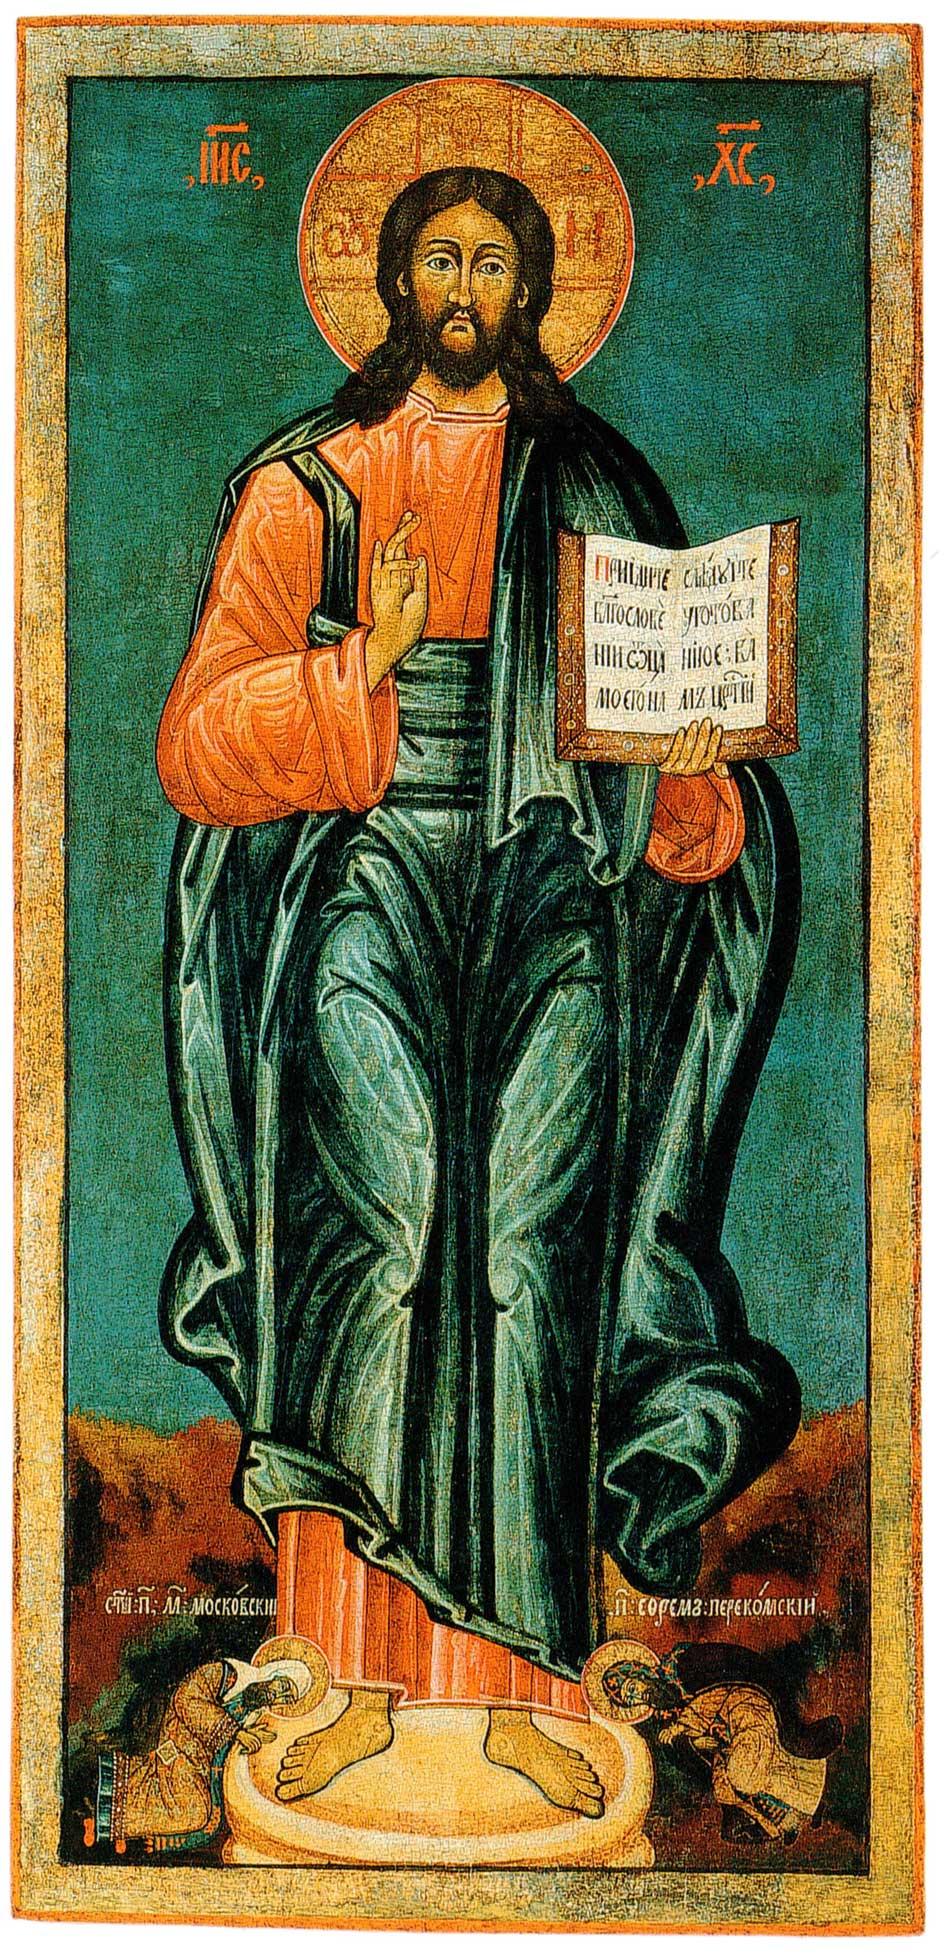 Спас Смоленский, с припадающими митрополитом Петром и преподобным Ефремом Перекомским